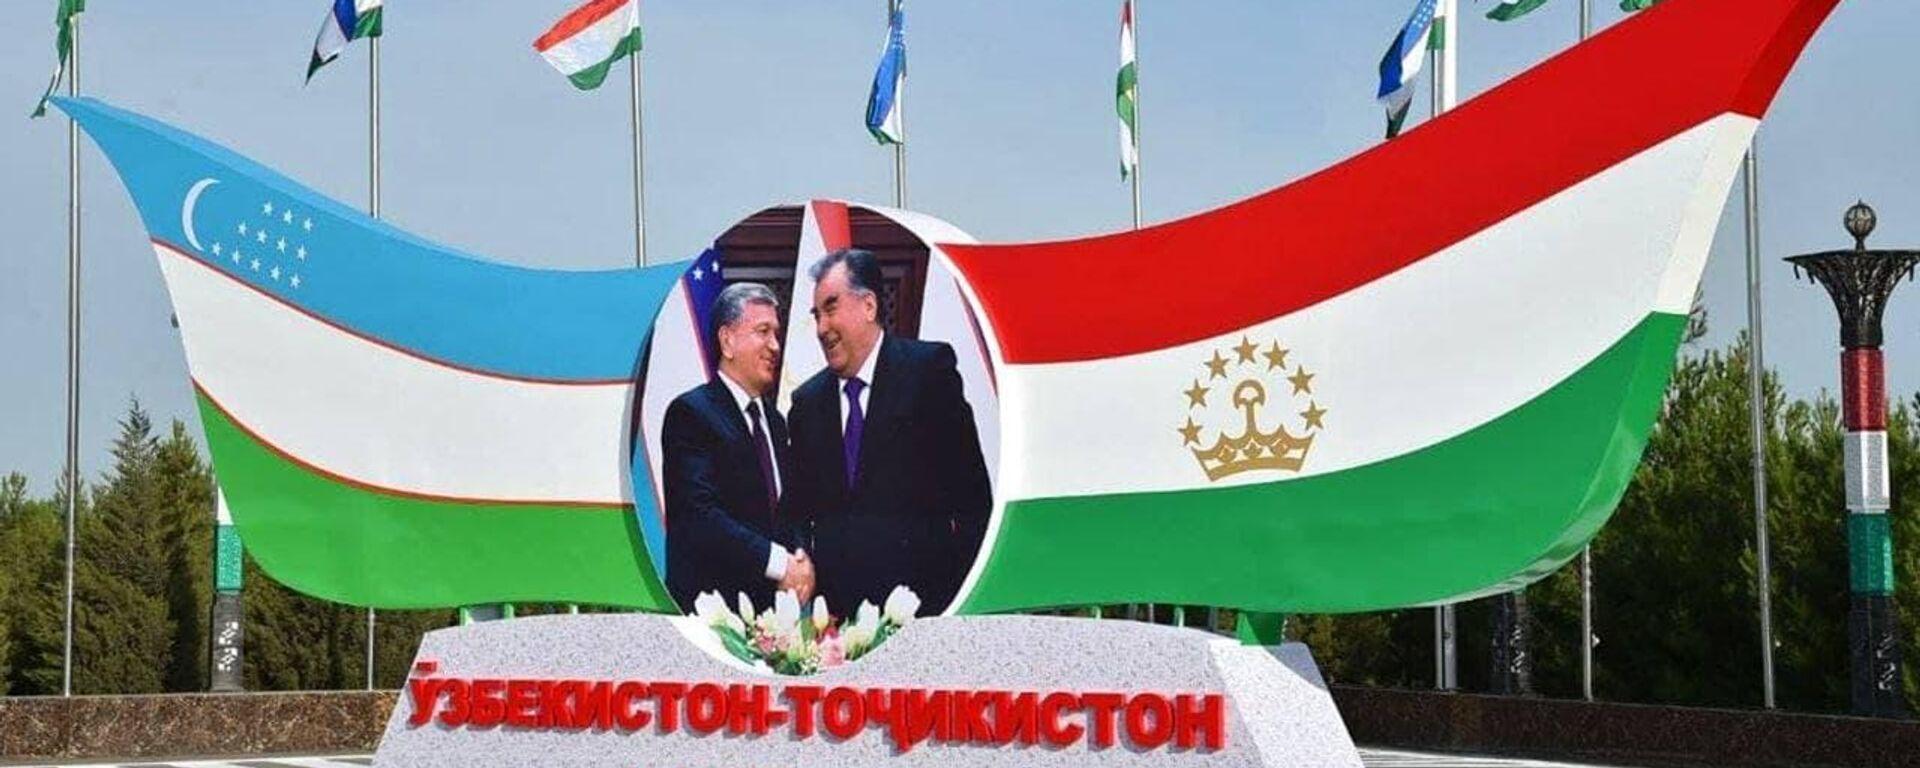 Стенд с Рахмоном и Мирзиёевым - Sputnik Таджикистан, 1920, 11.06.2021